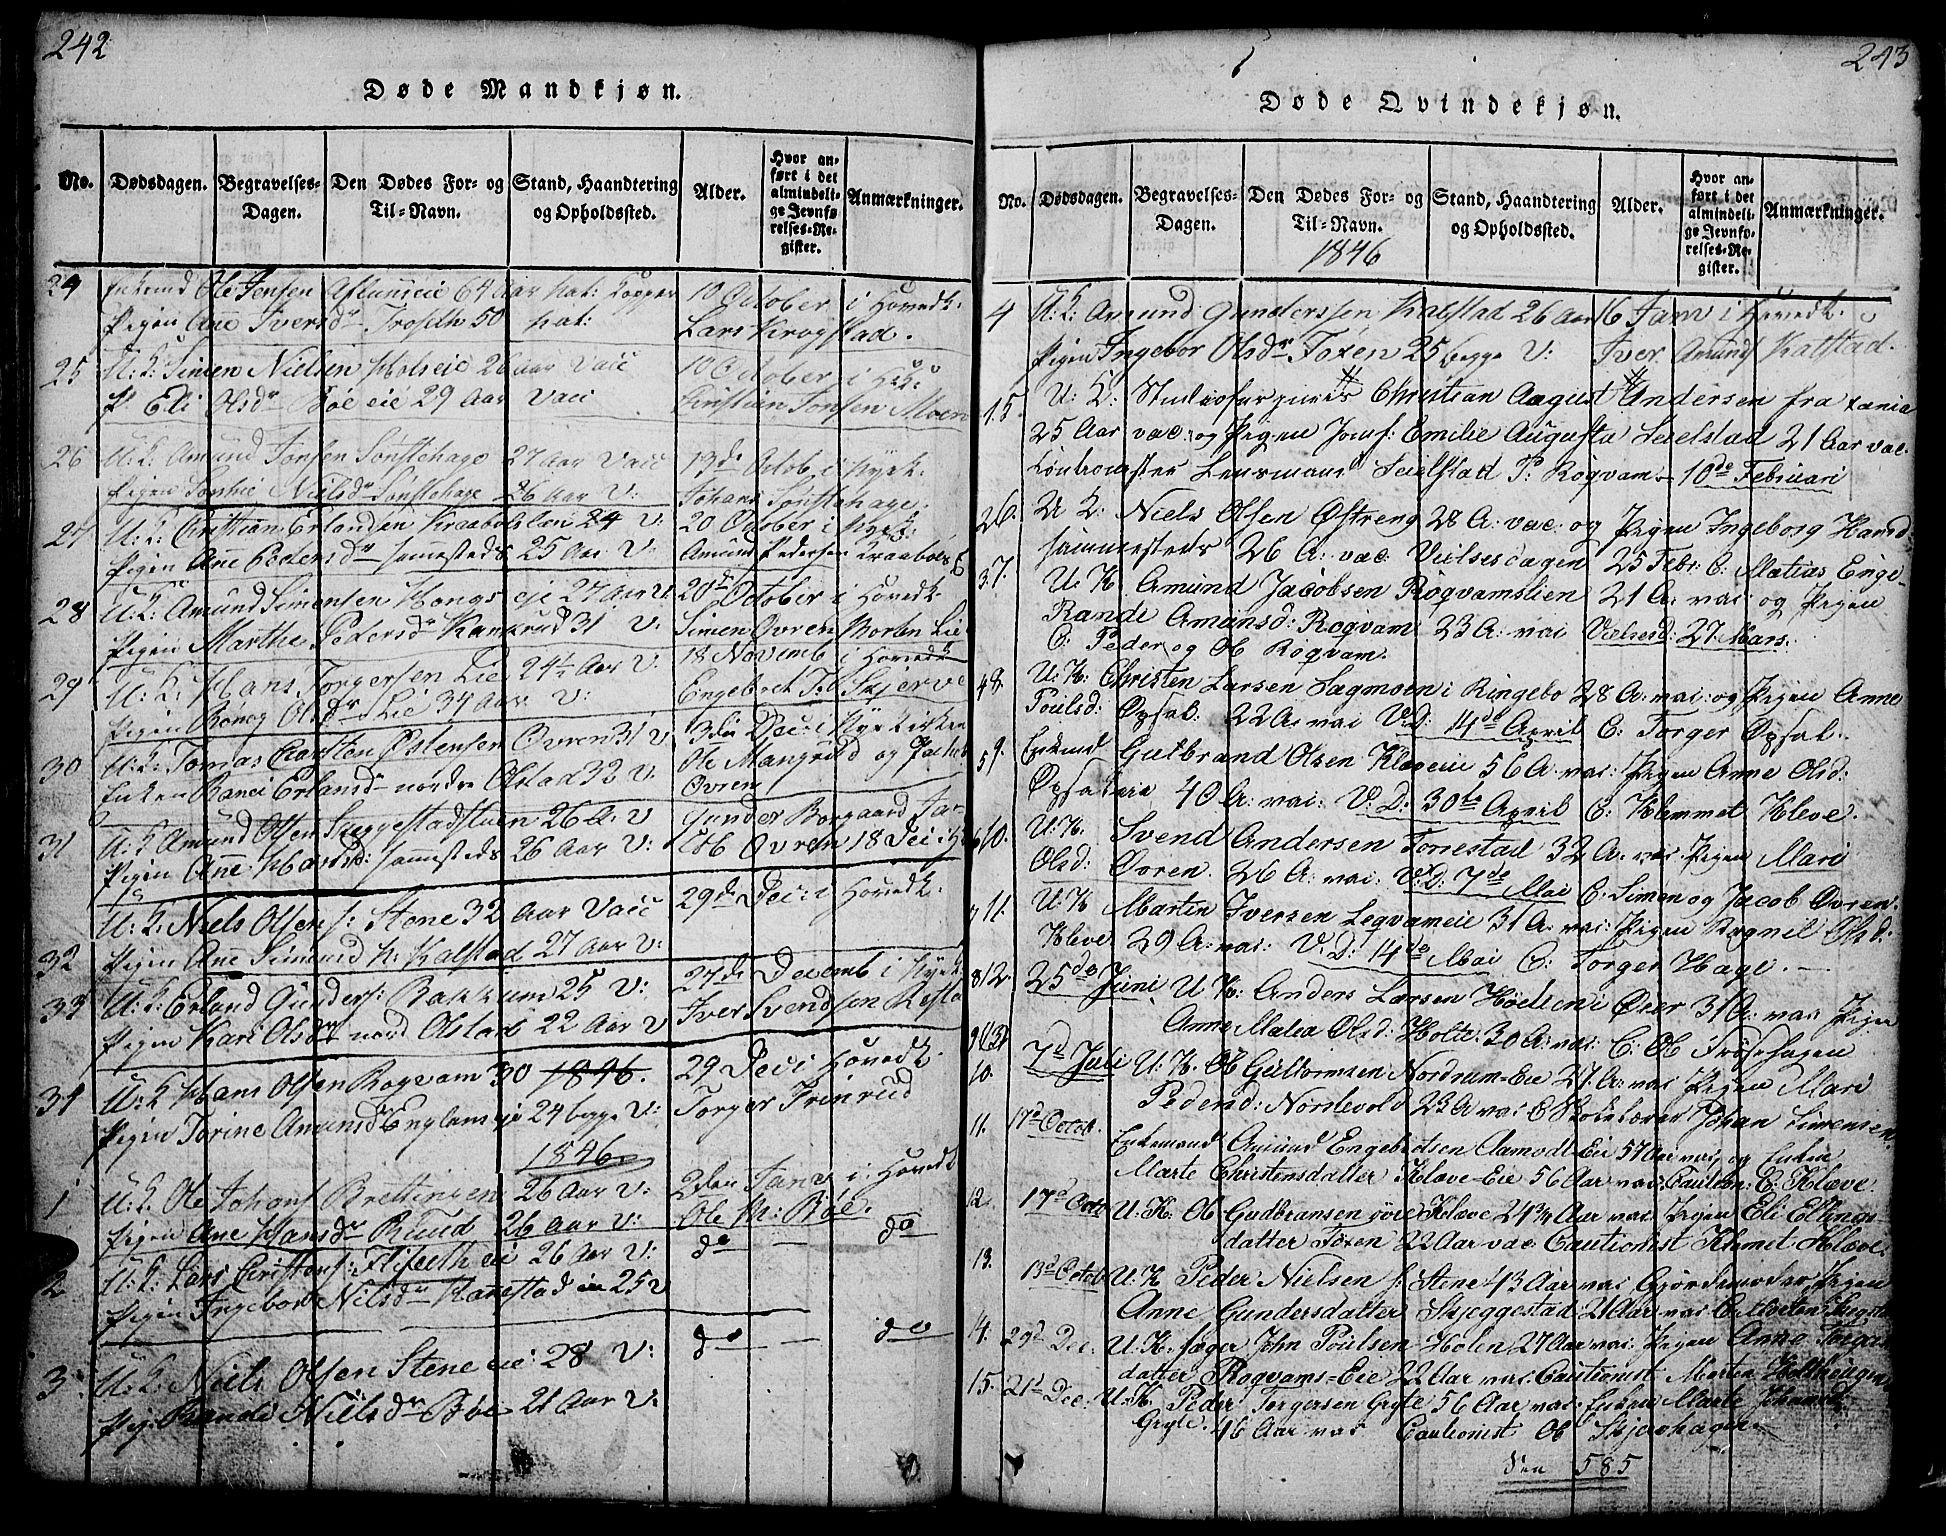 SAH, Gausdal prestekontor, Klokkerbok nr. 1, 1817-1848, s. 242-243